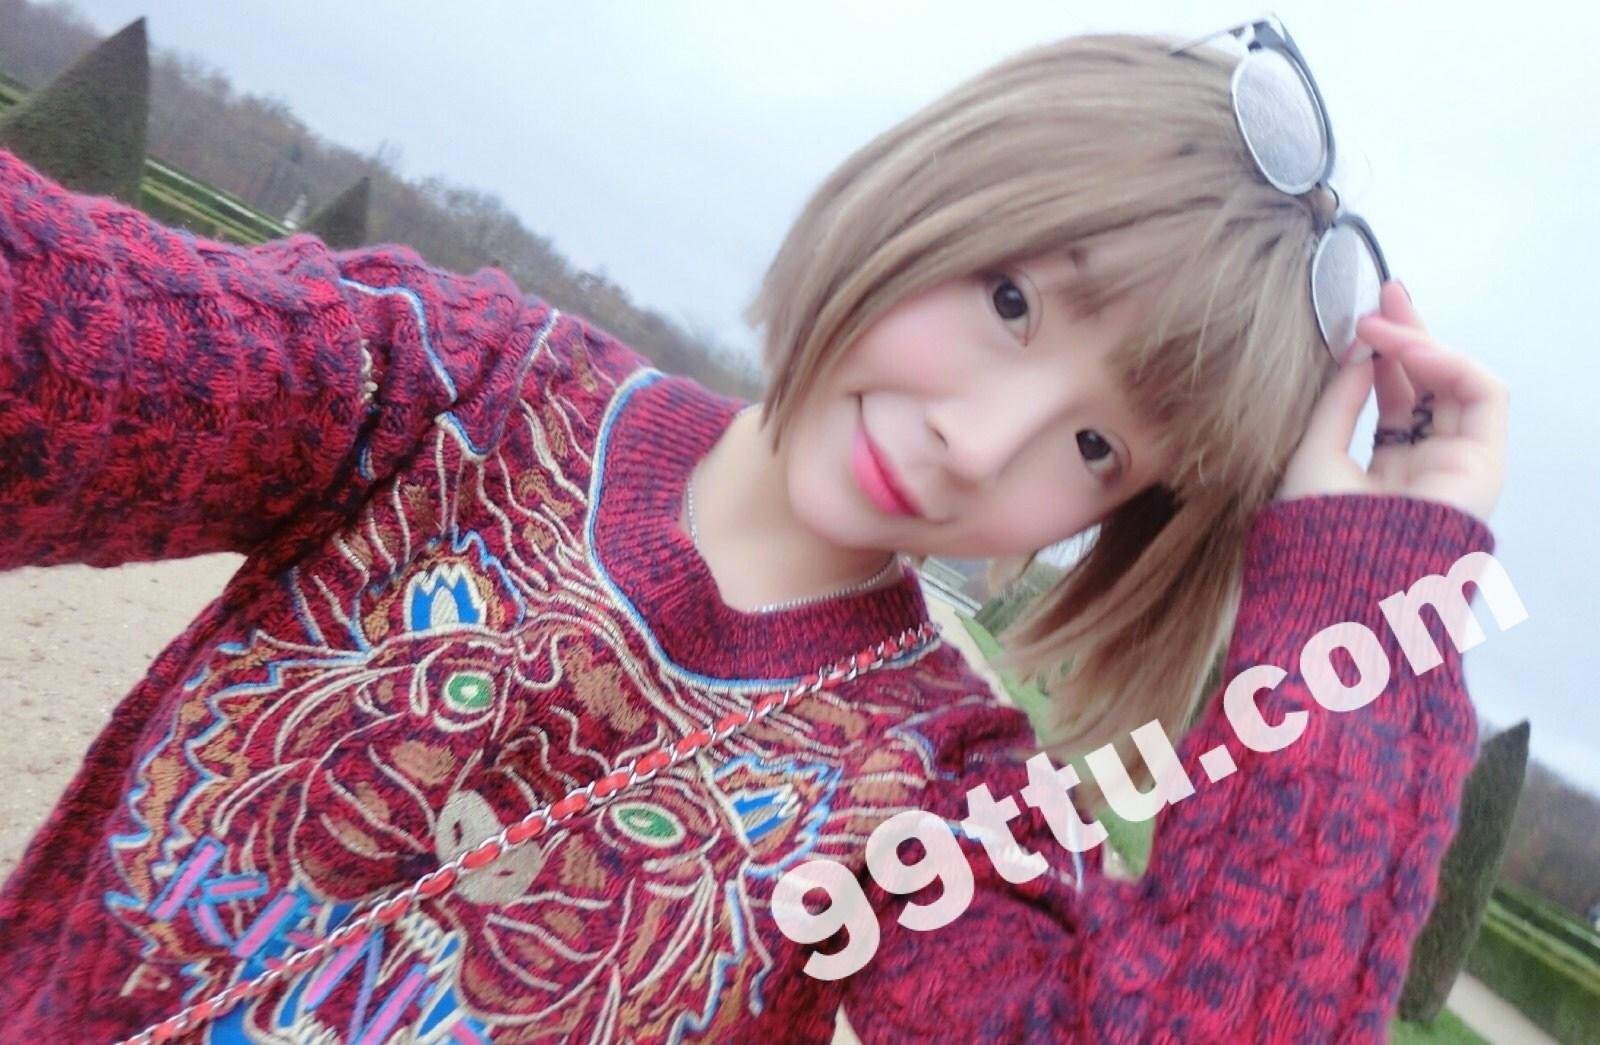 KK85_581张 大胸美女生活照素材照片合集-8